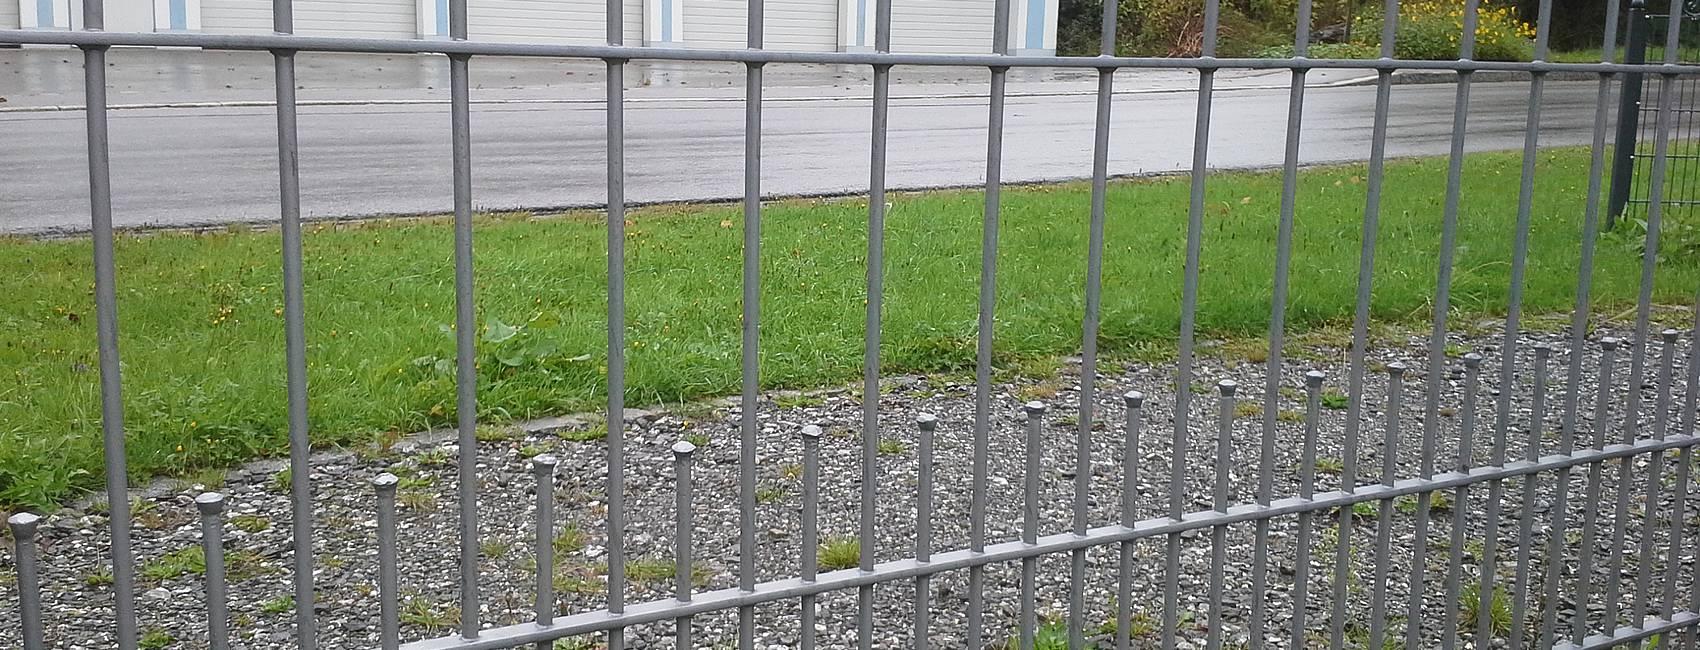 Zaun Belles Zaunbau Zaunmontage und Reperatur Schmiedezaun